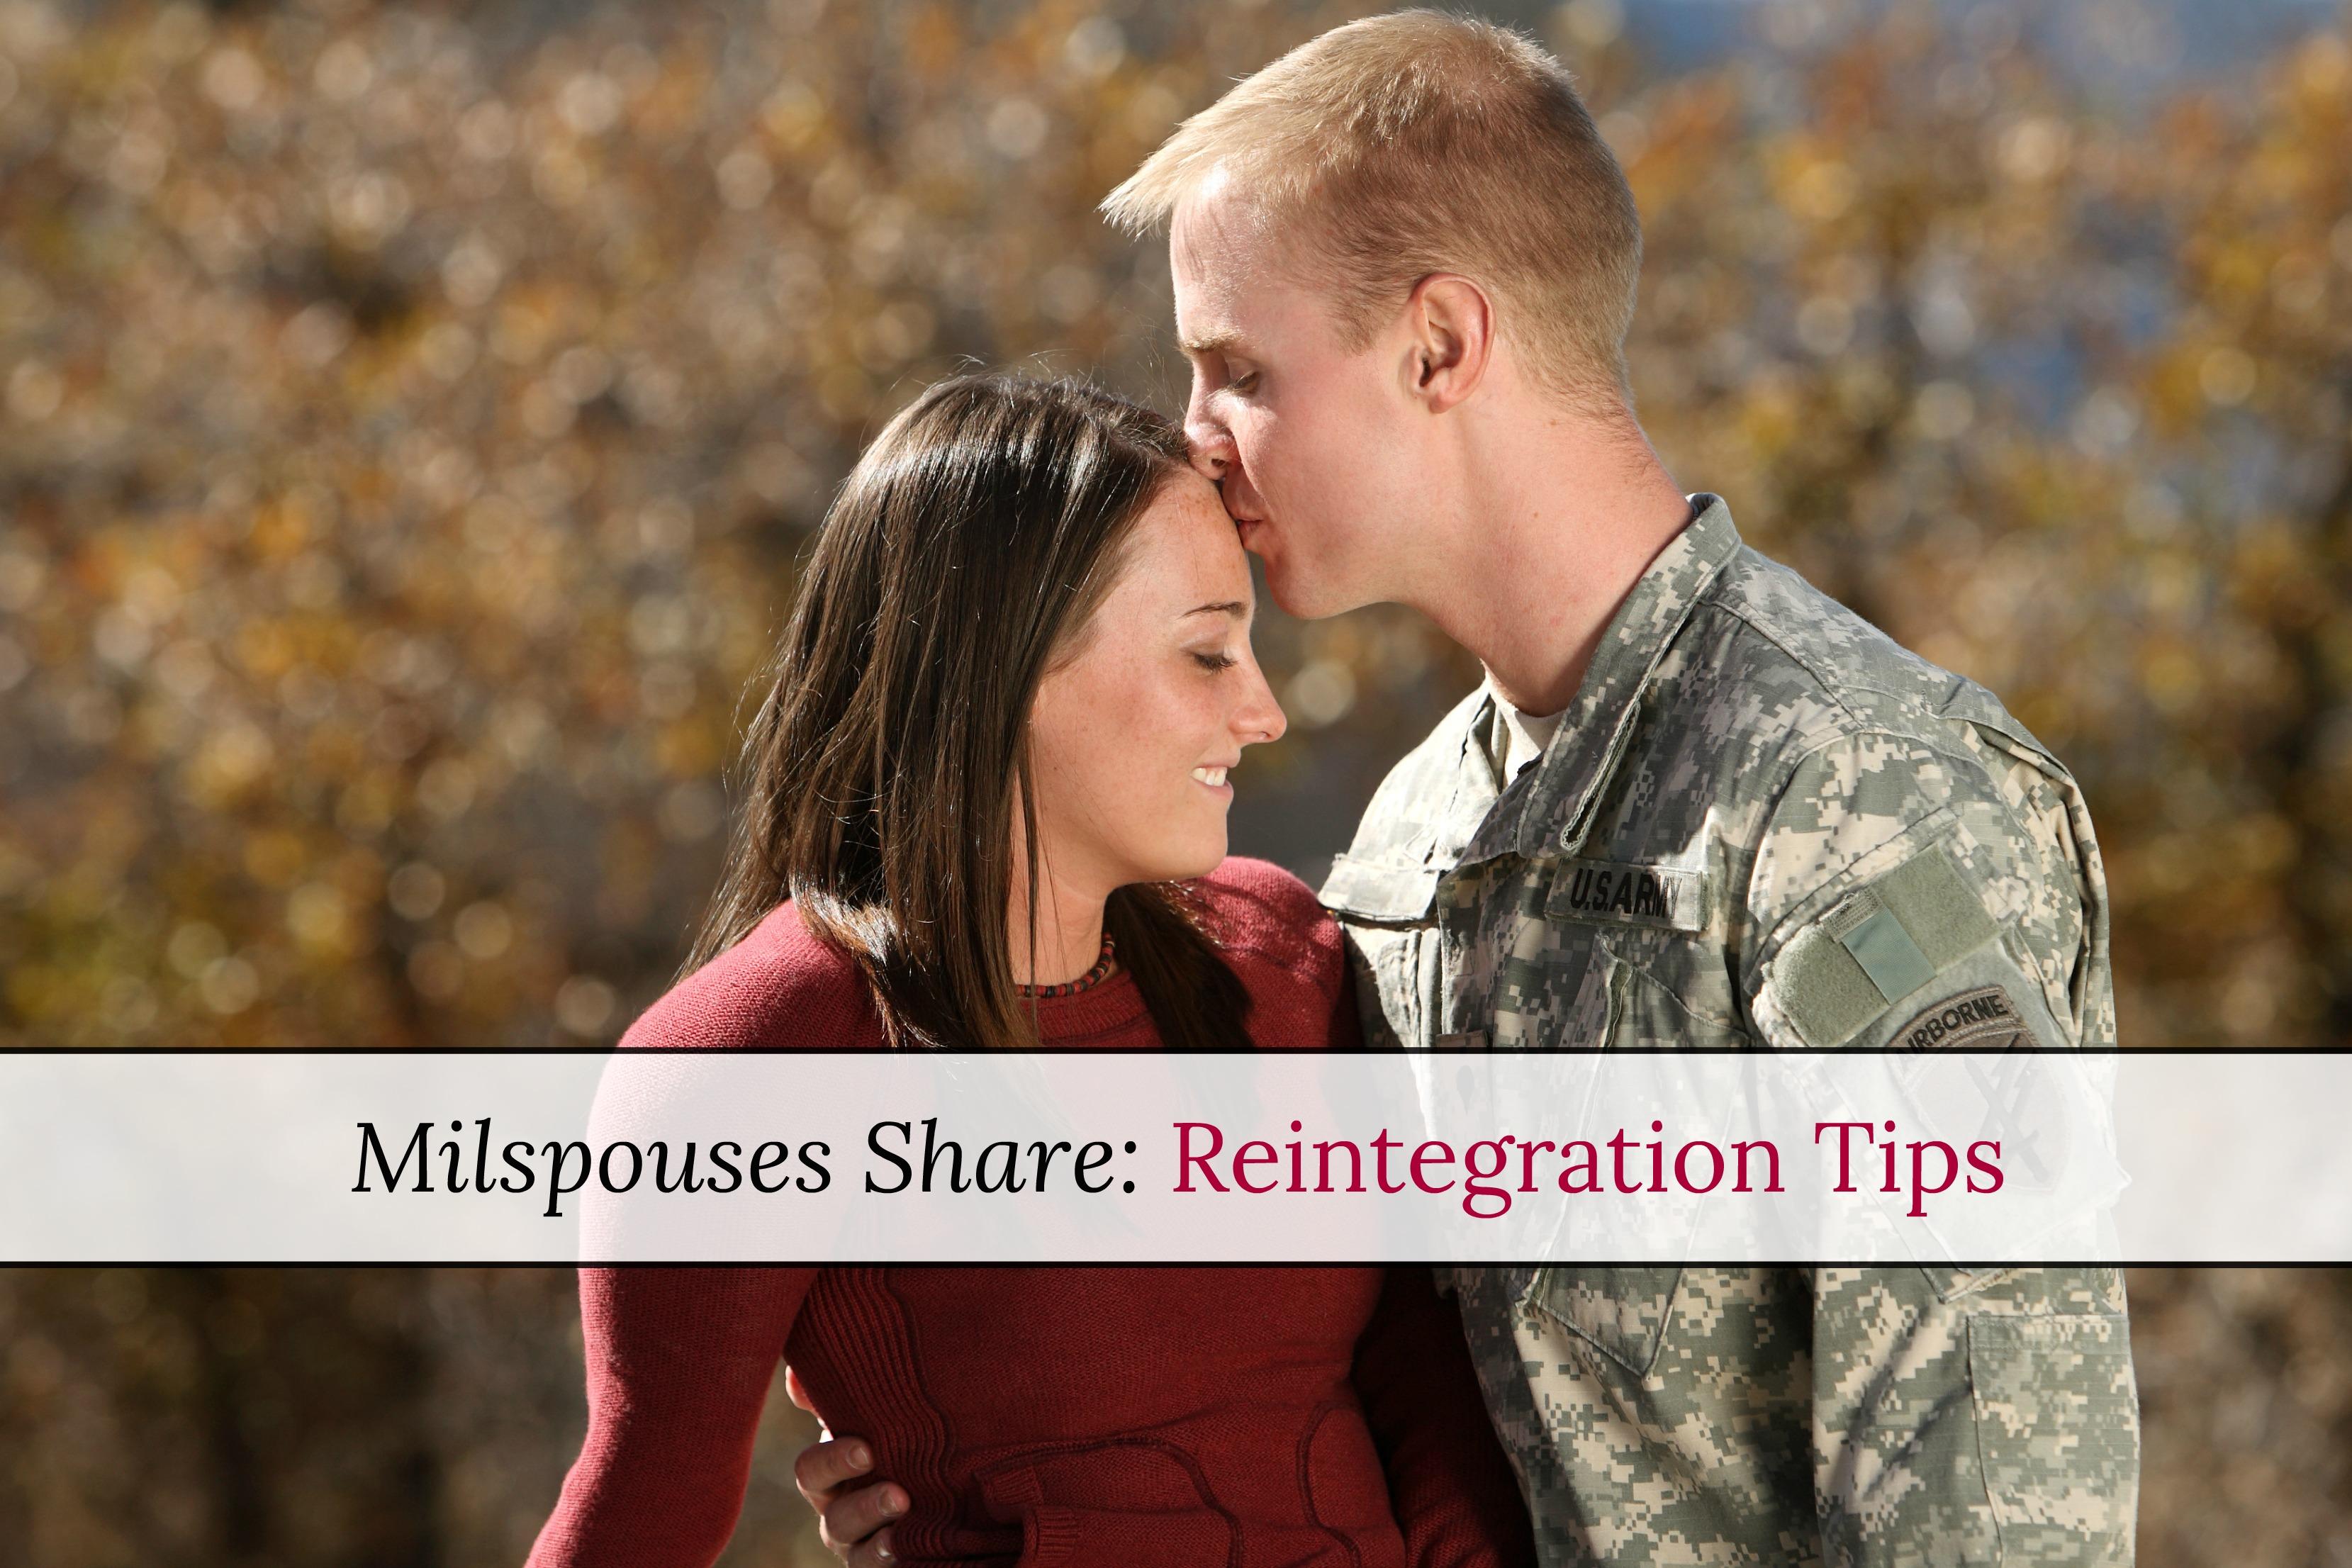 Milspouses Share: Reintegration Tips